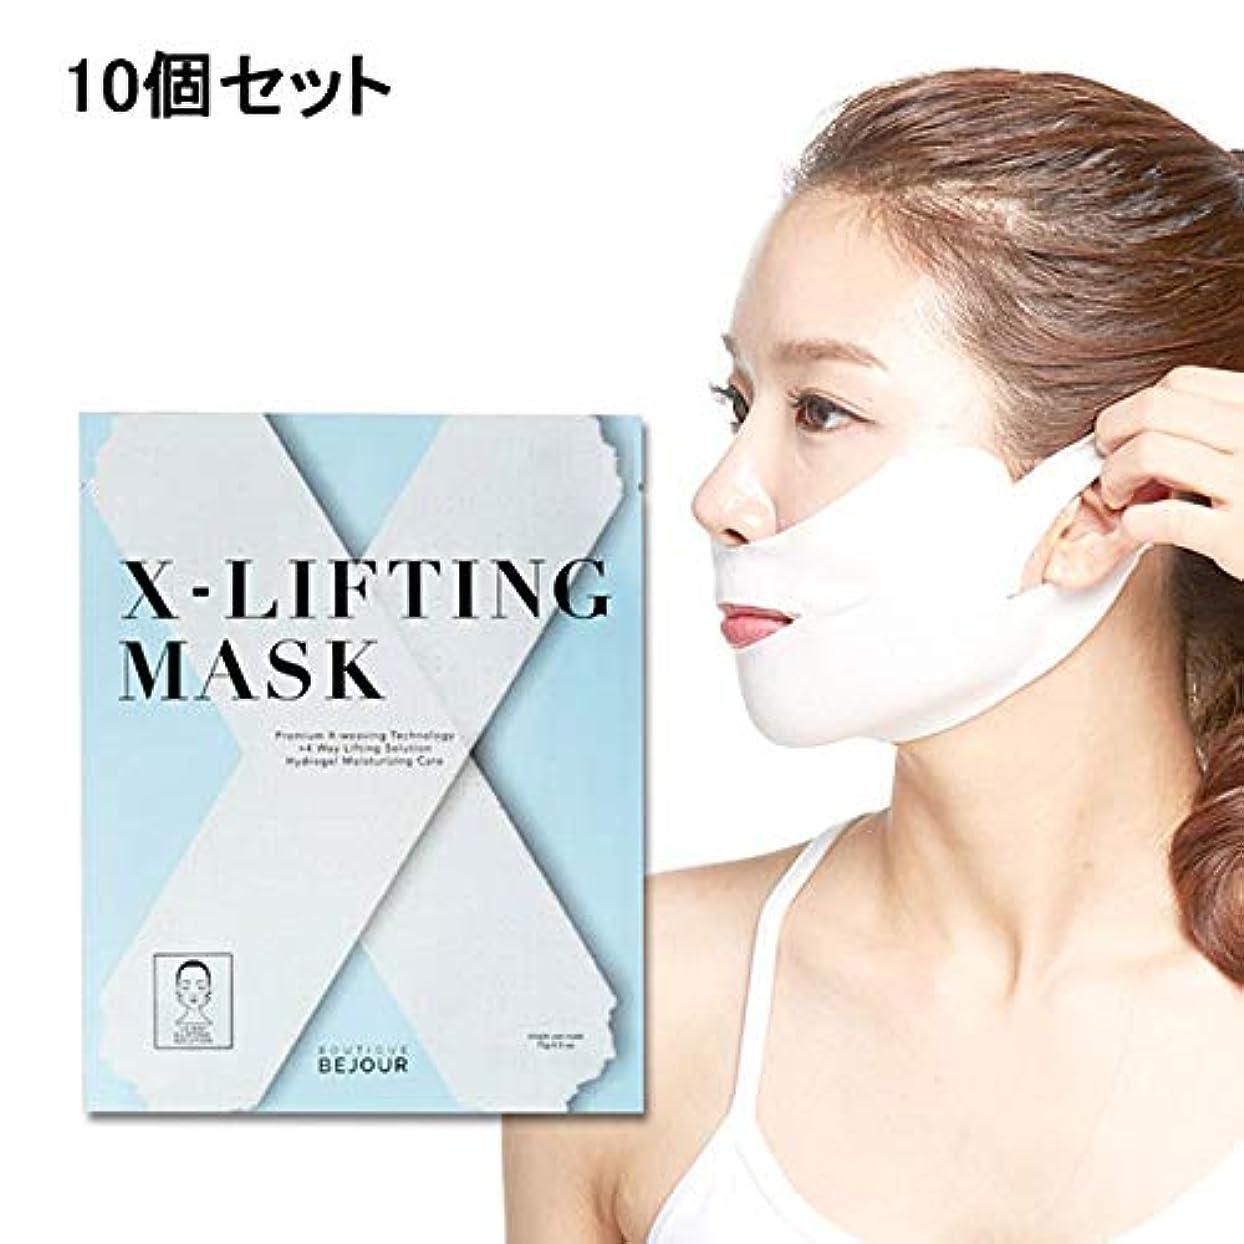 出します女性早い< ビジュール > X-Lifting (エックスリフティング) マスク (10個セット) [ リフトアップ フェイスマスク フェイスシート フェイスパック フェイシャルマスク シートマスク フェイシャルシート フェイシャルパック...